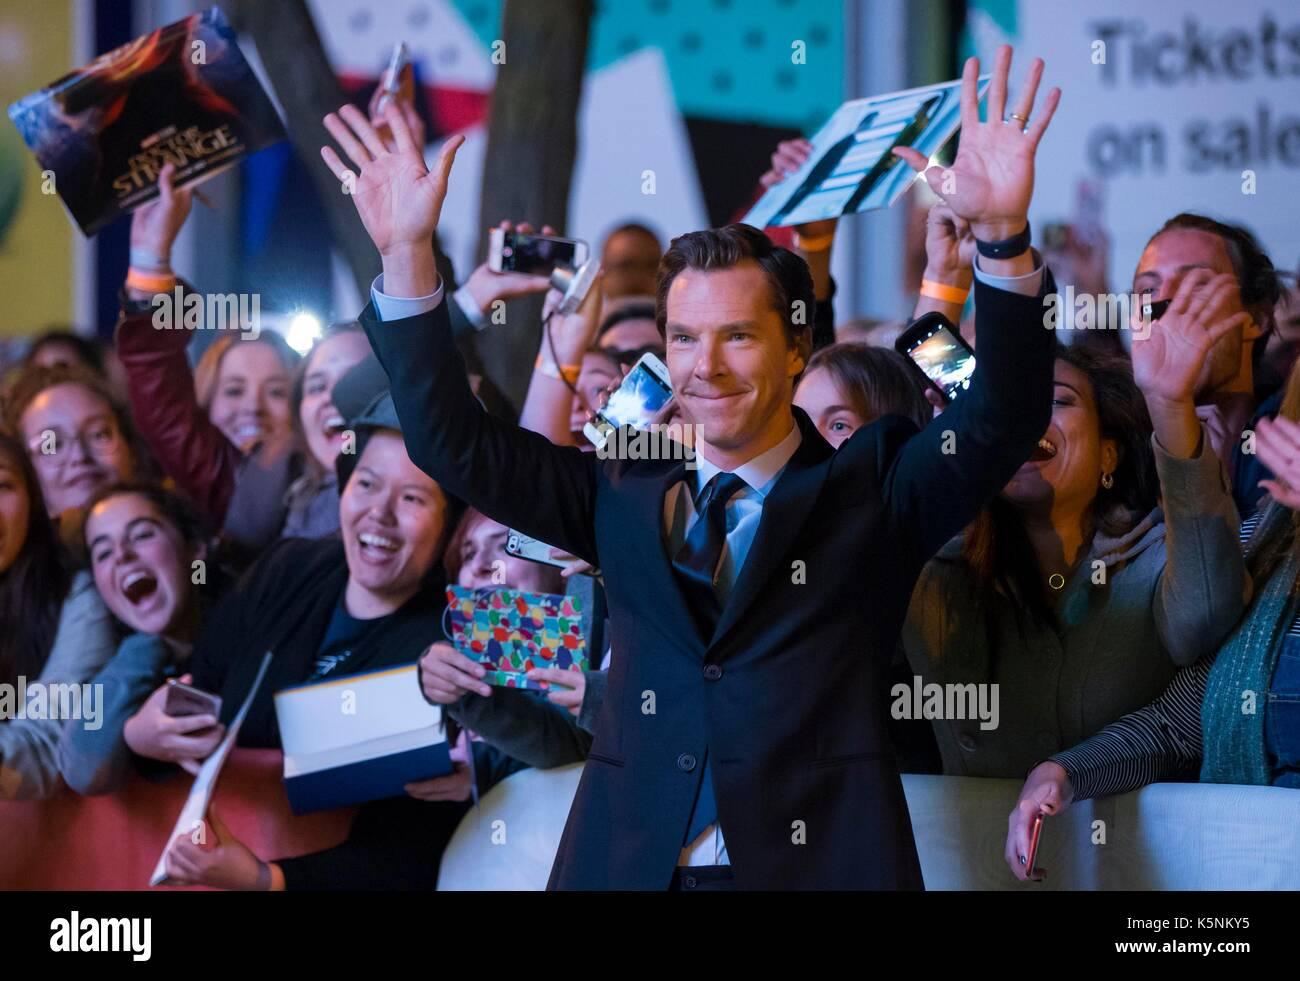 Toronto, Canada. Sep 9, 2017. L'acteur benedict cumberbatch (avant) pose pour des photos avec les fans comme il Banque D'Images